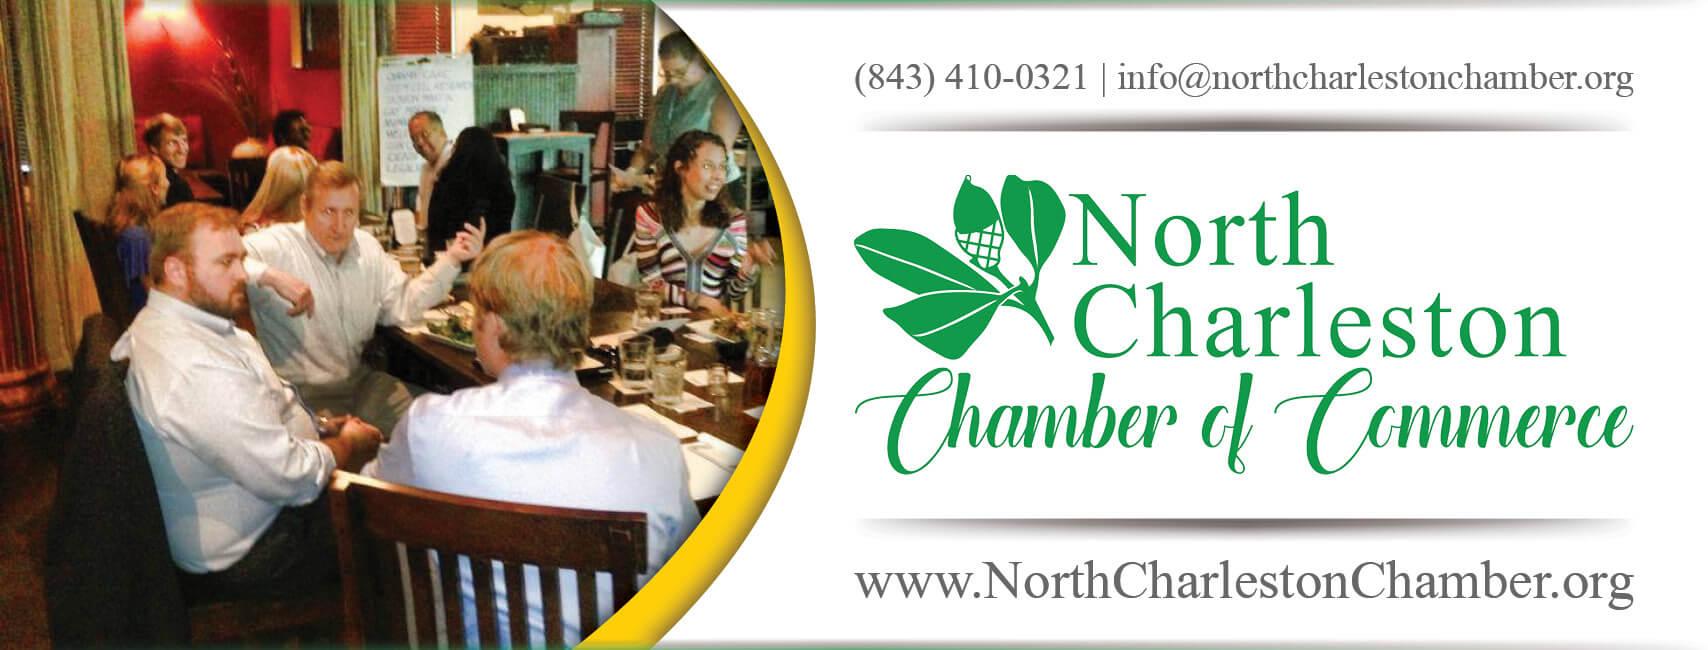 chamber header, social media, chamber member